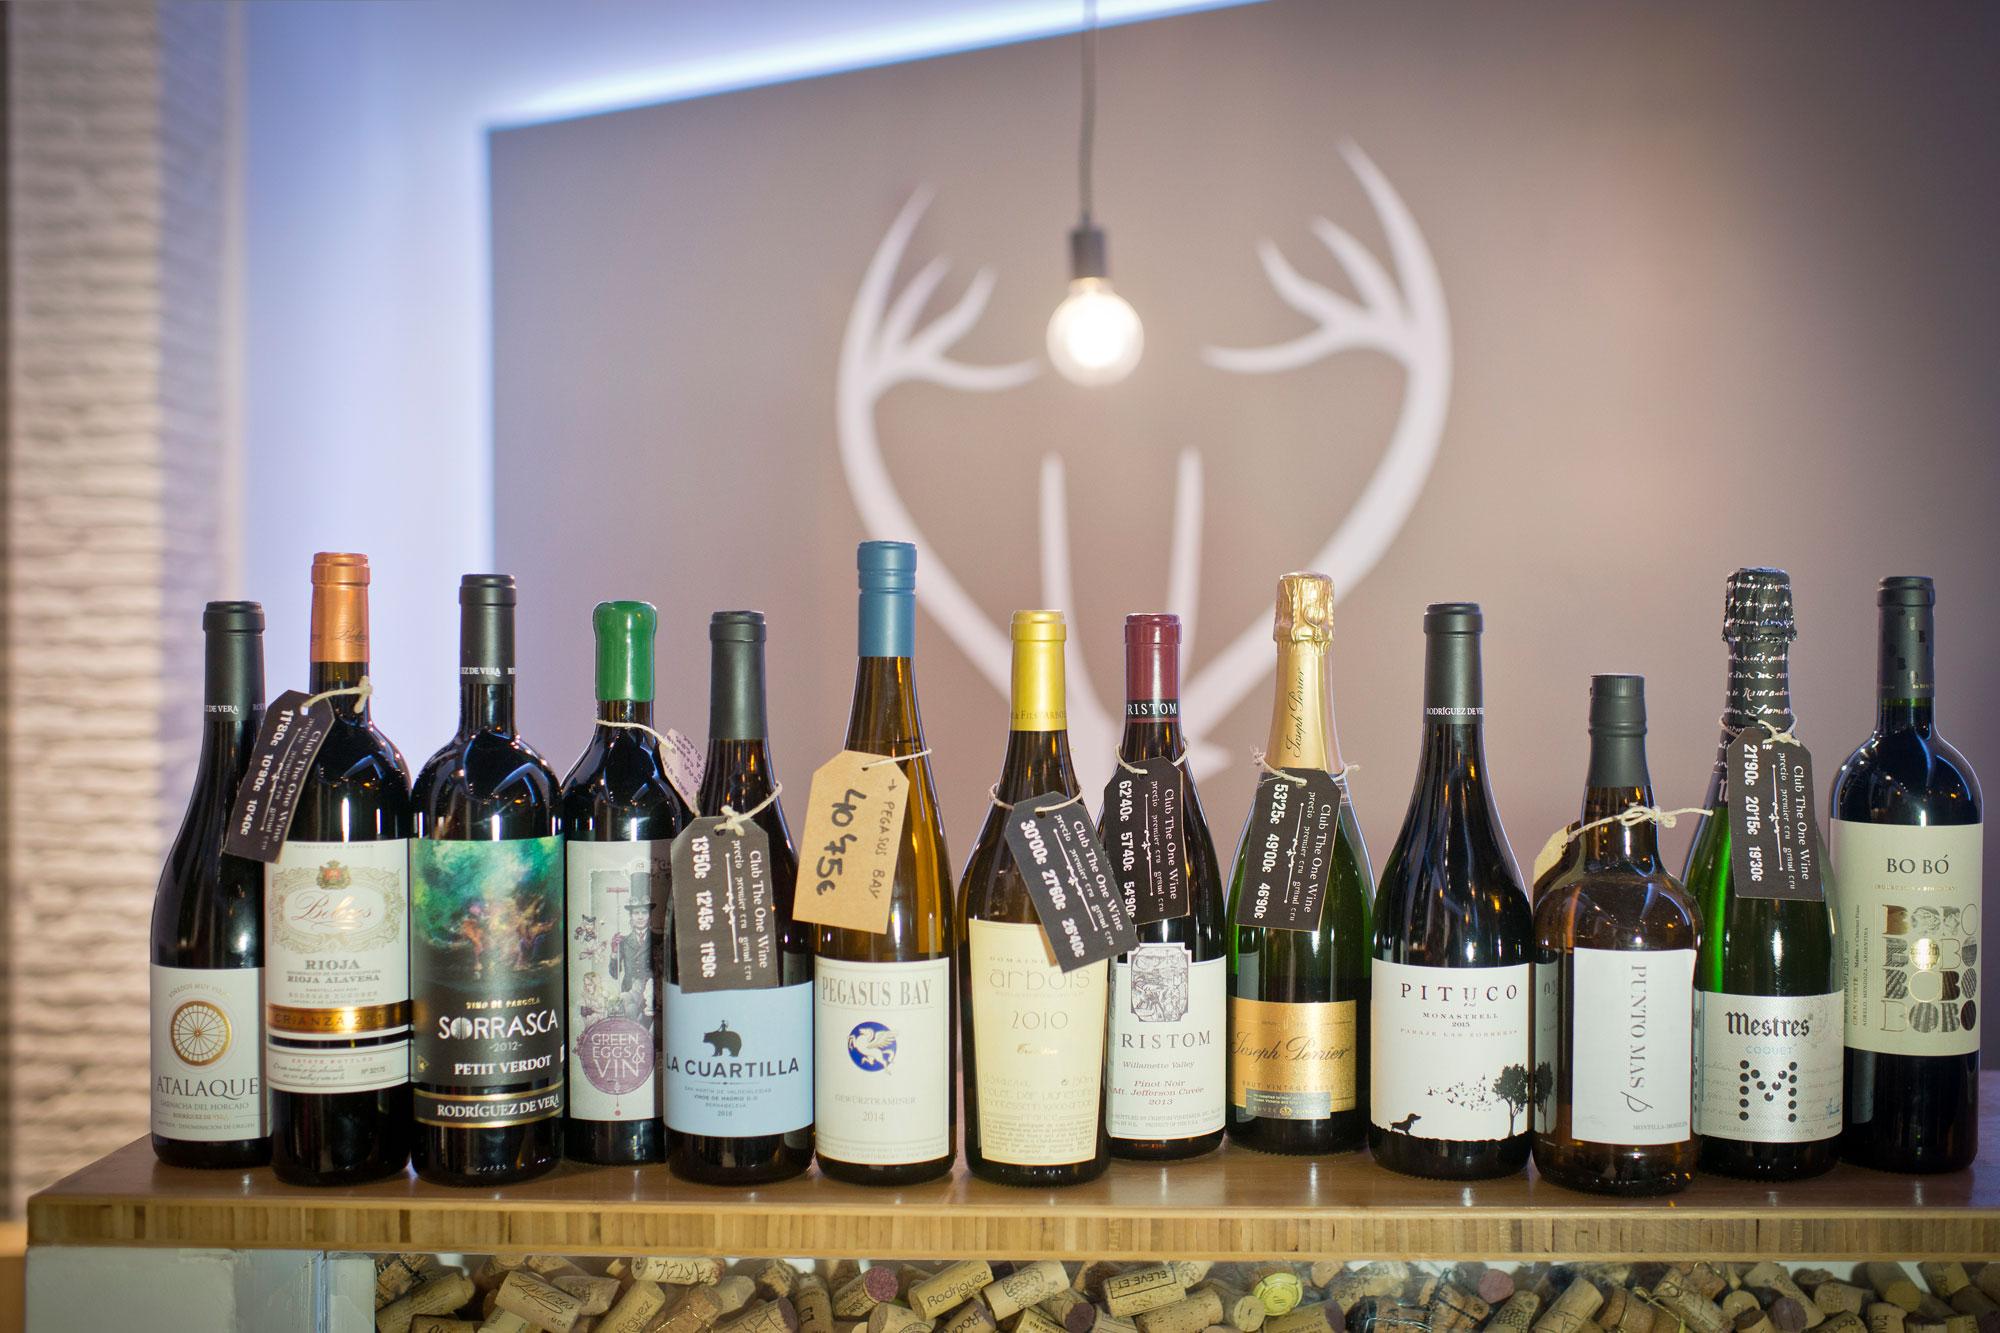 Un equipo de vinos de autor de primera.